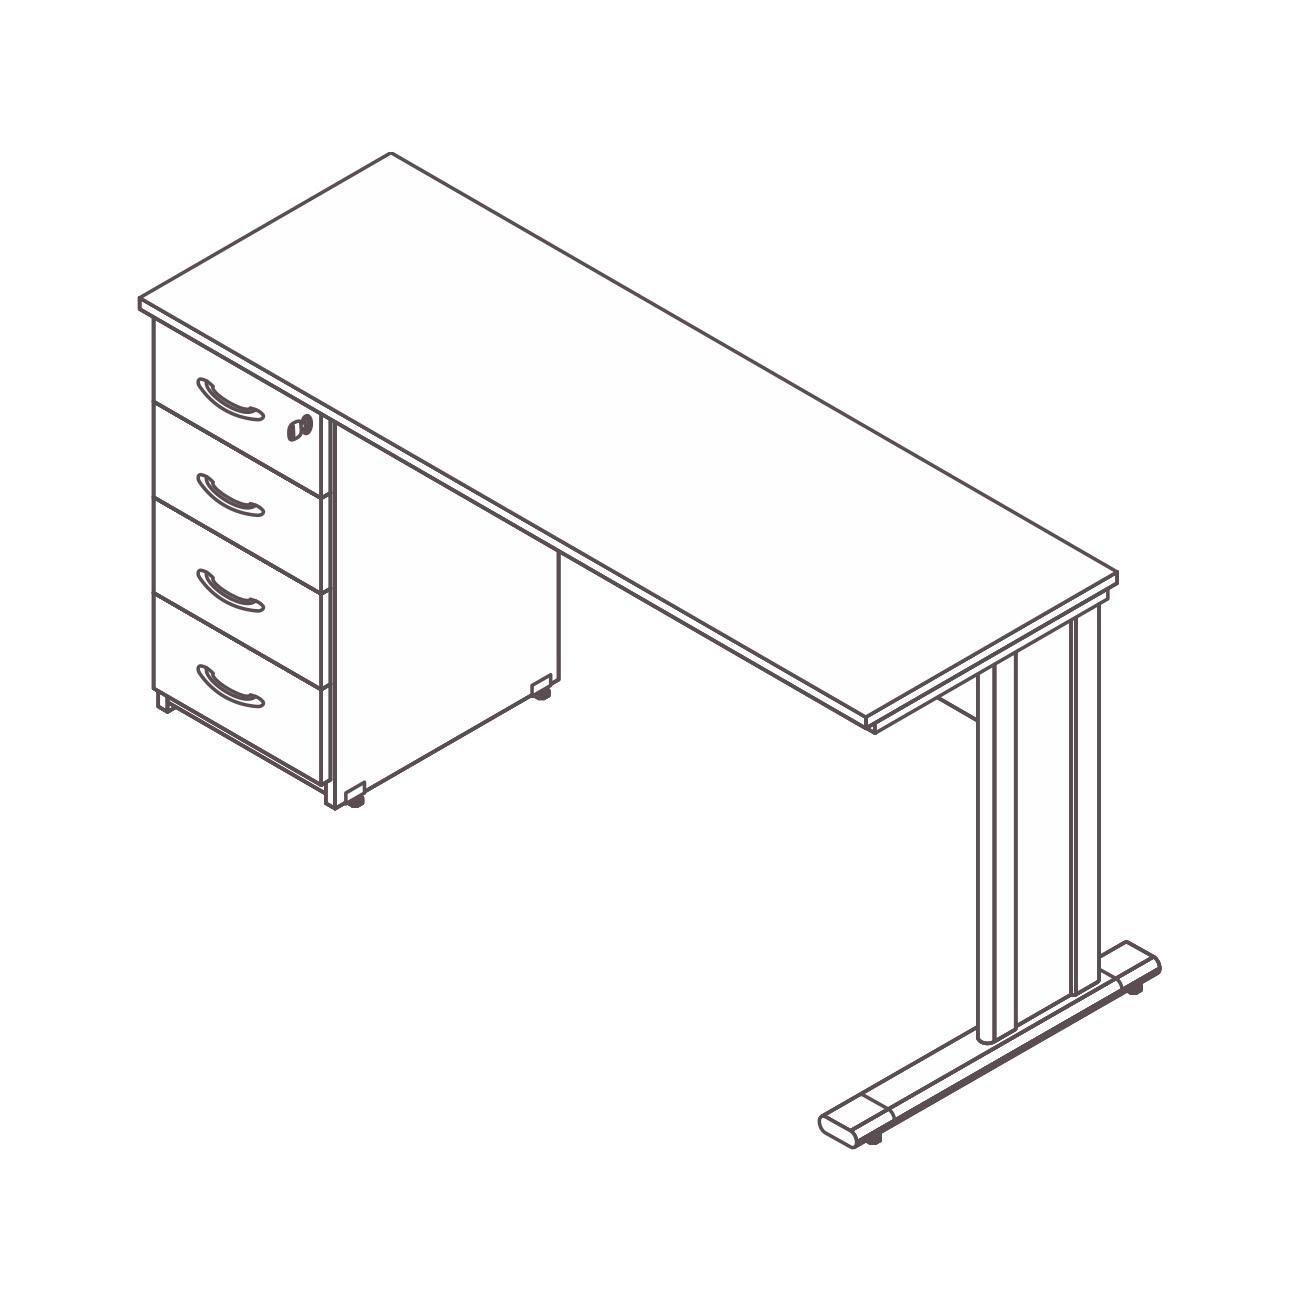 Mesa diretor / gerente gaveteiro pedestal 4 gavetas diamante